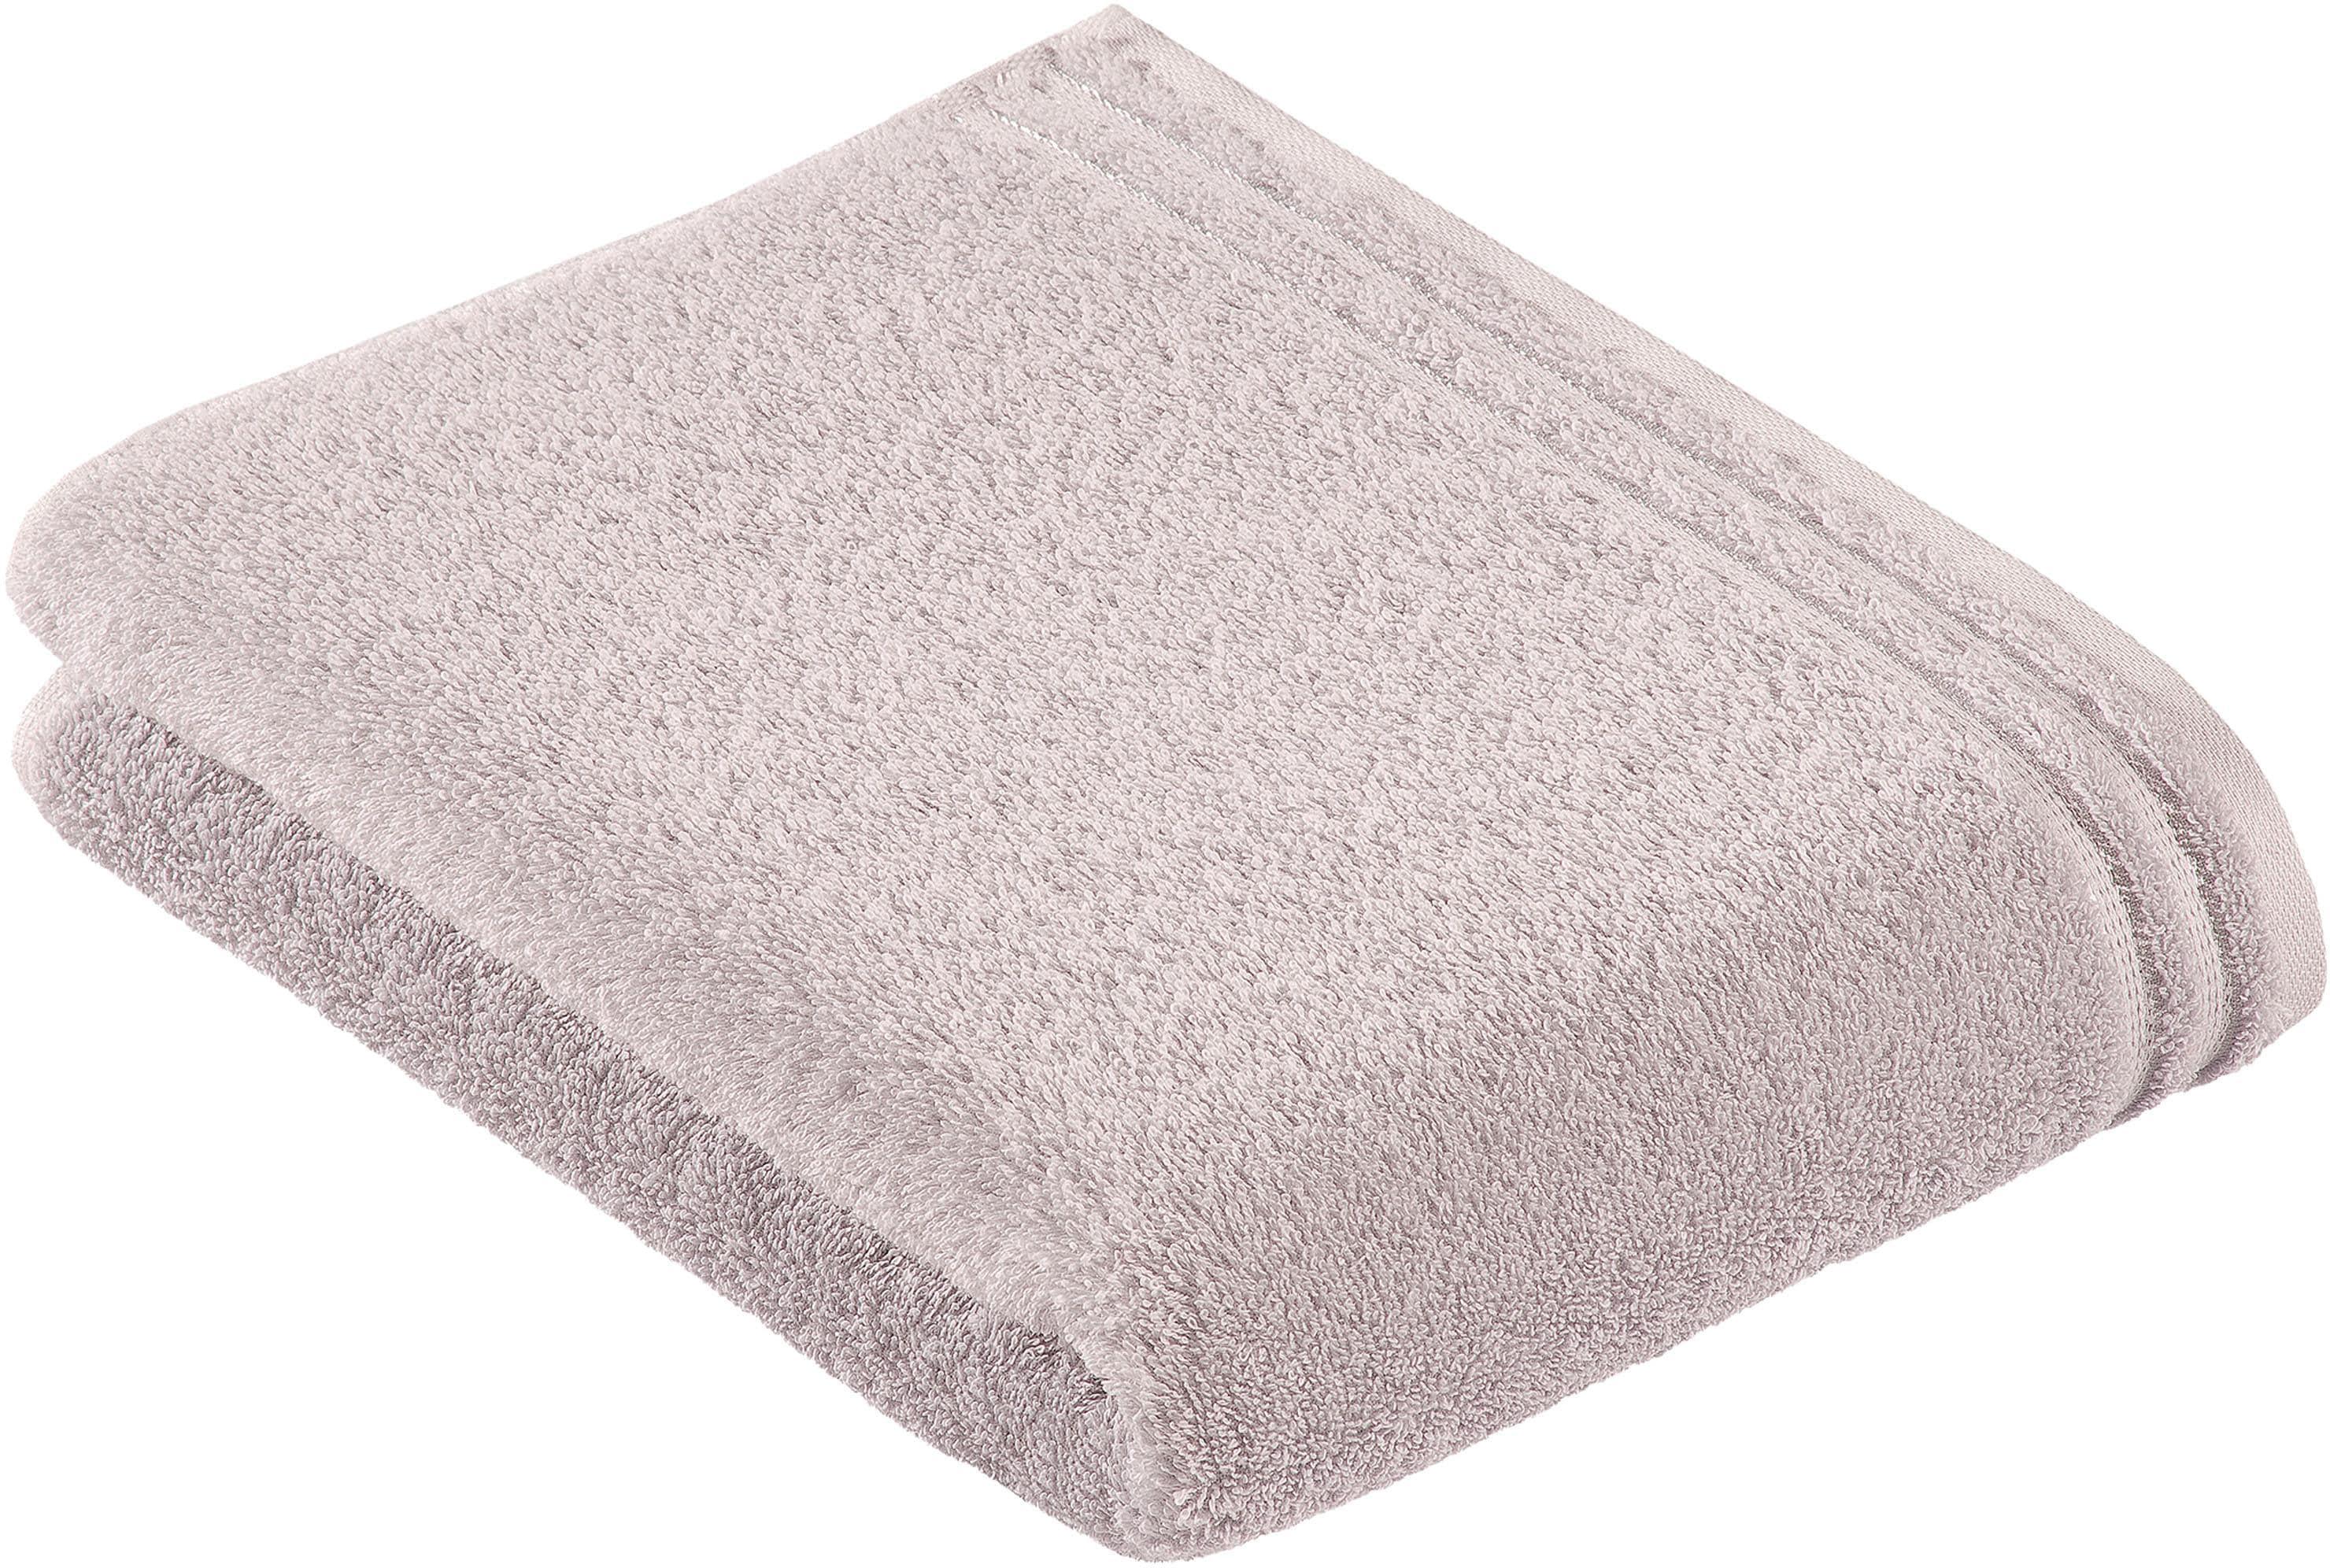 Badetuch Calypso Vossen | Bad > Handtücher > Badetücher | Grau | Baumwolle | Vossen